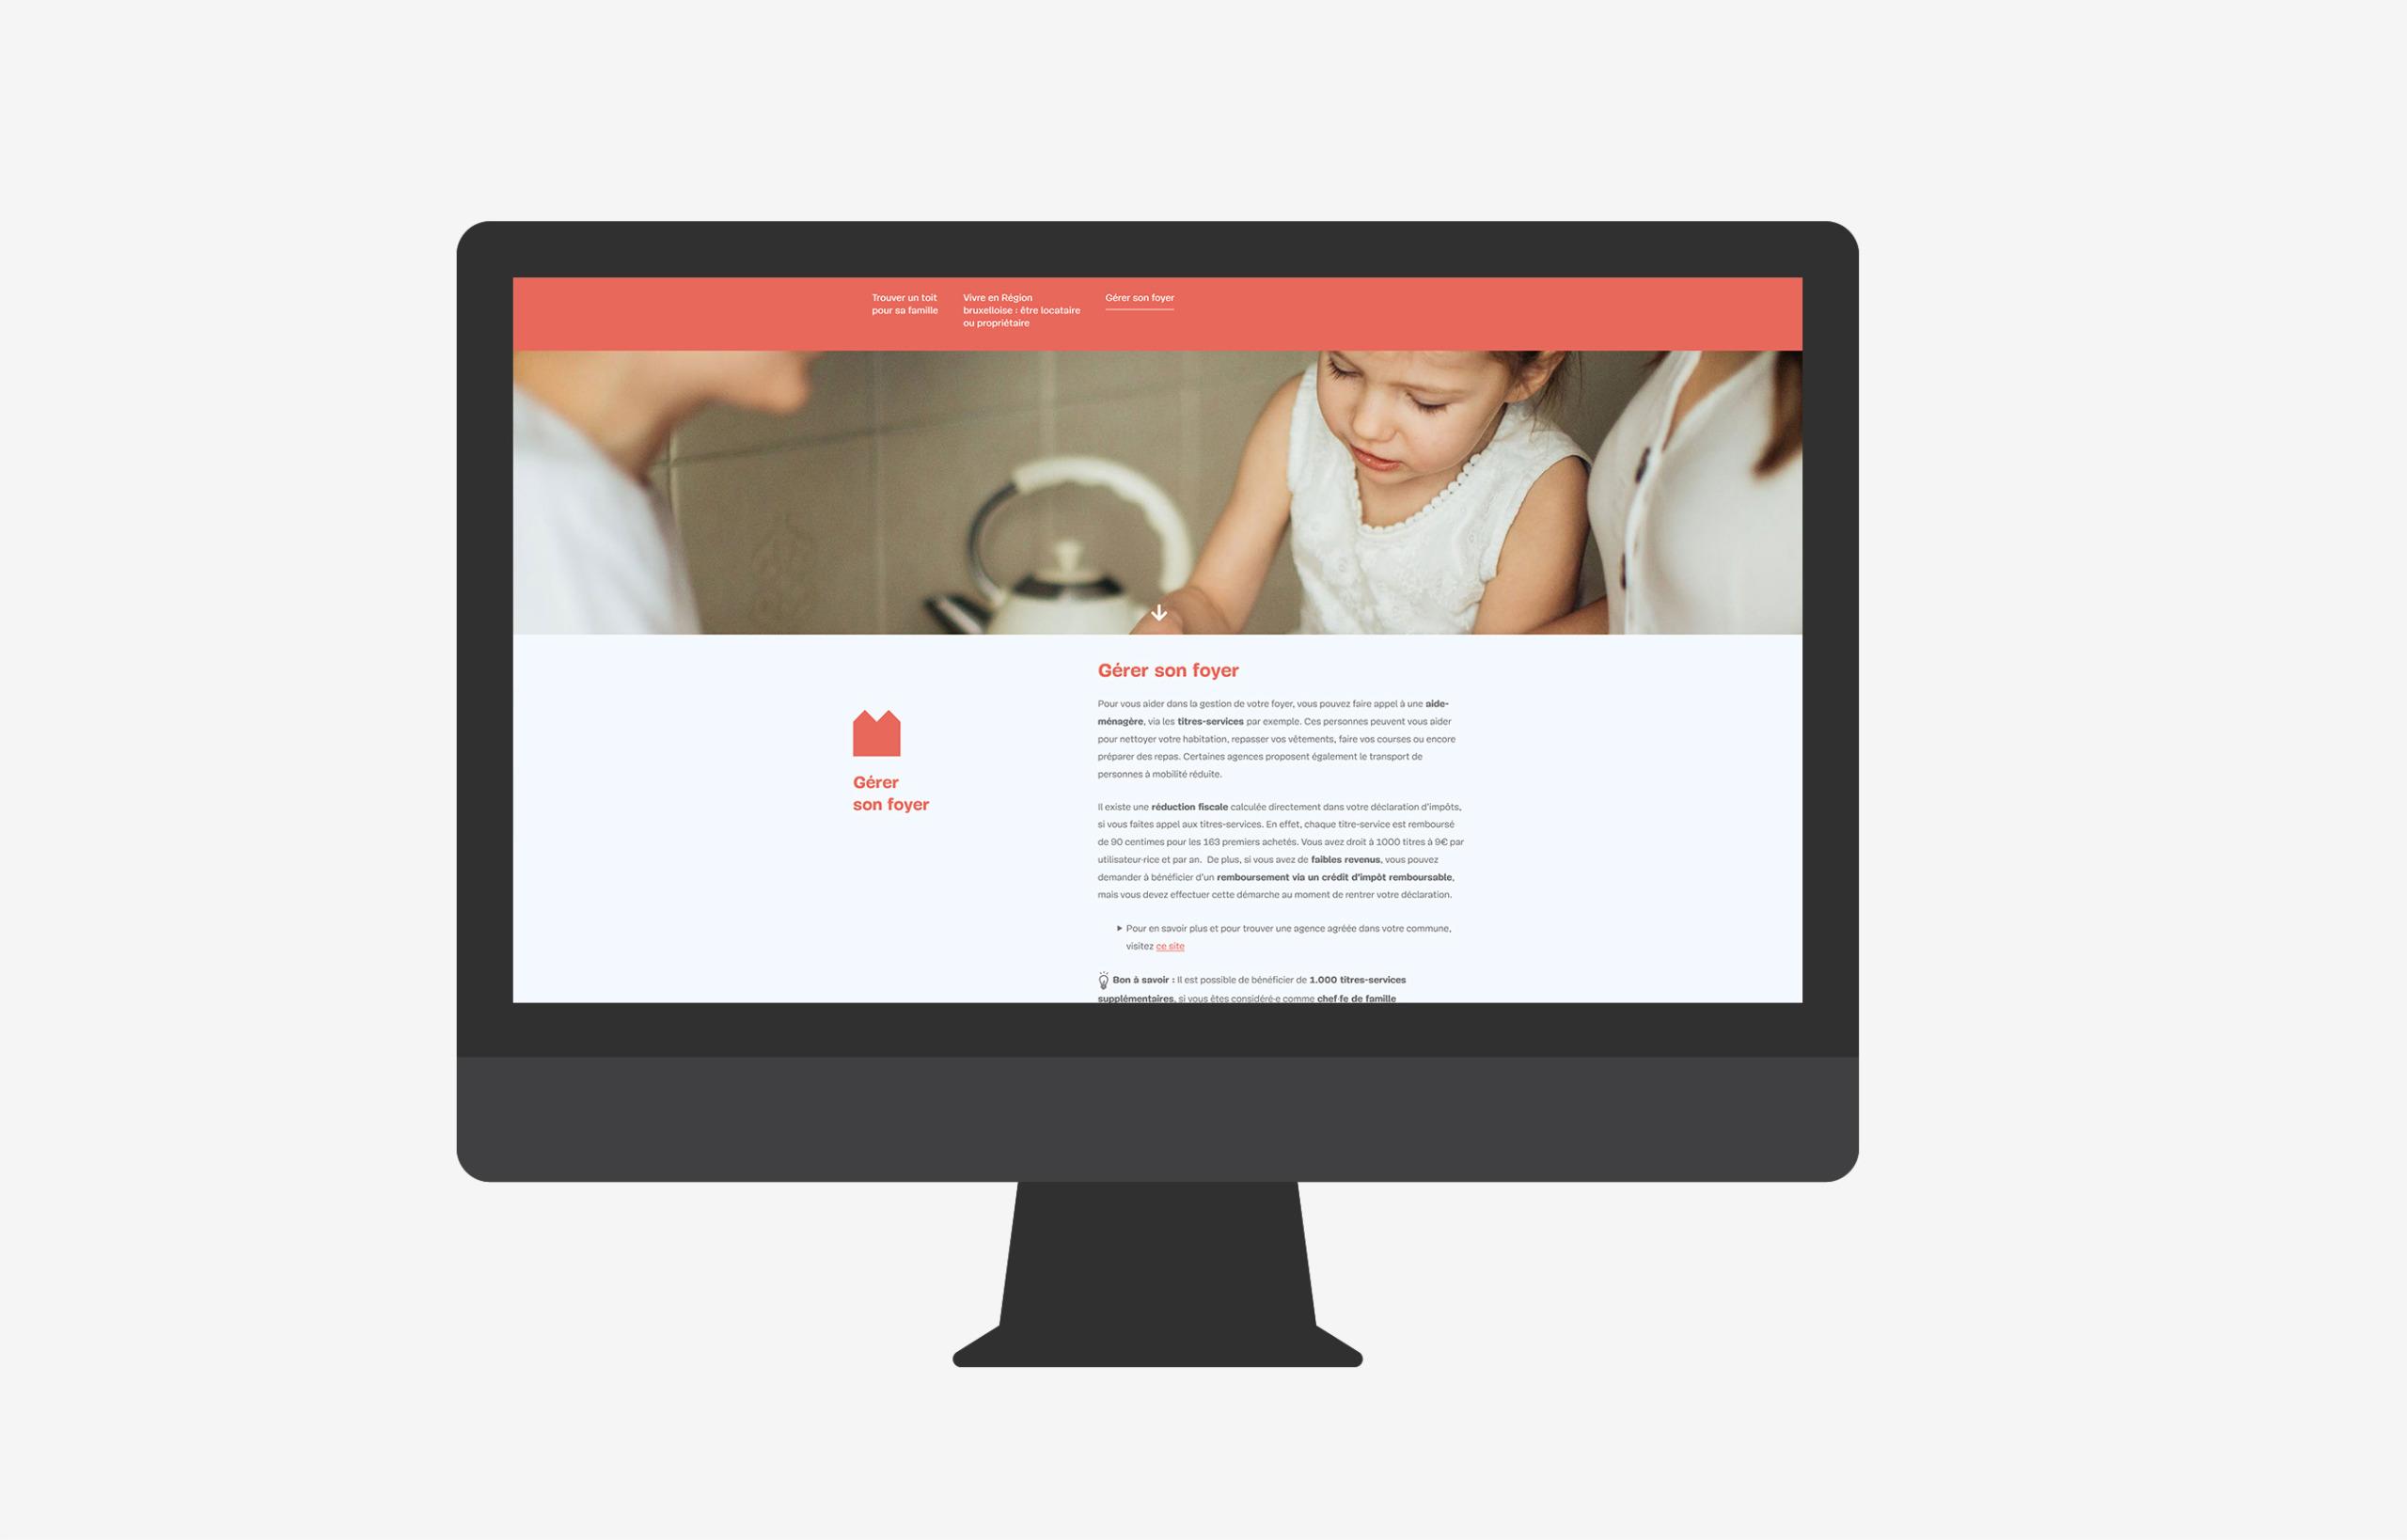 04-web-parent-solo-pikteo-webdesign-graphic-design-freelance-paris-bruxelles-londres